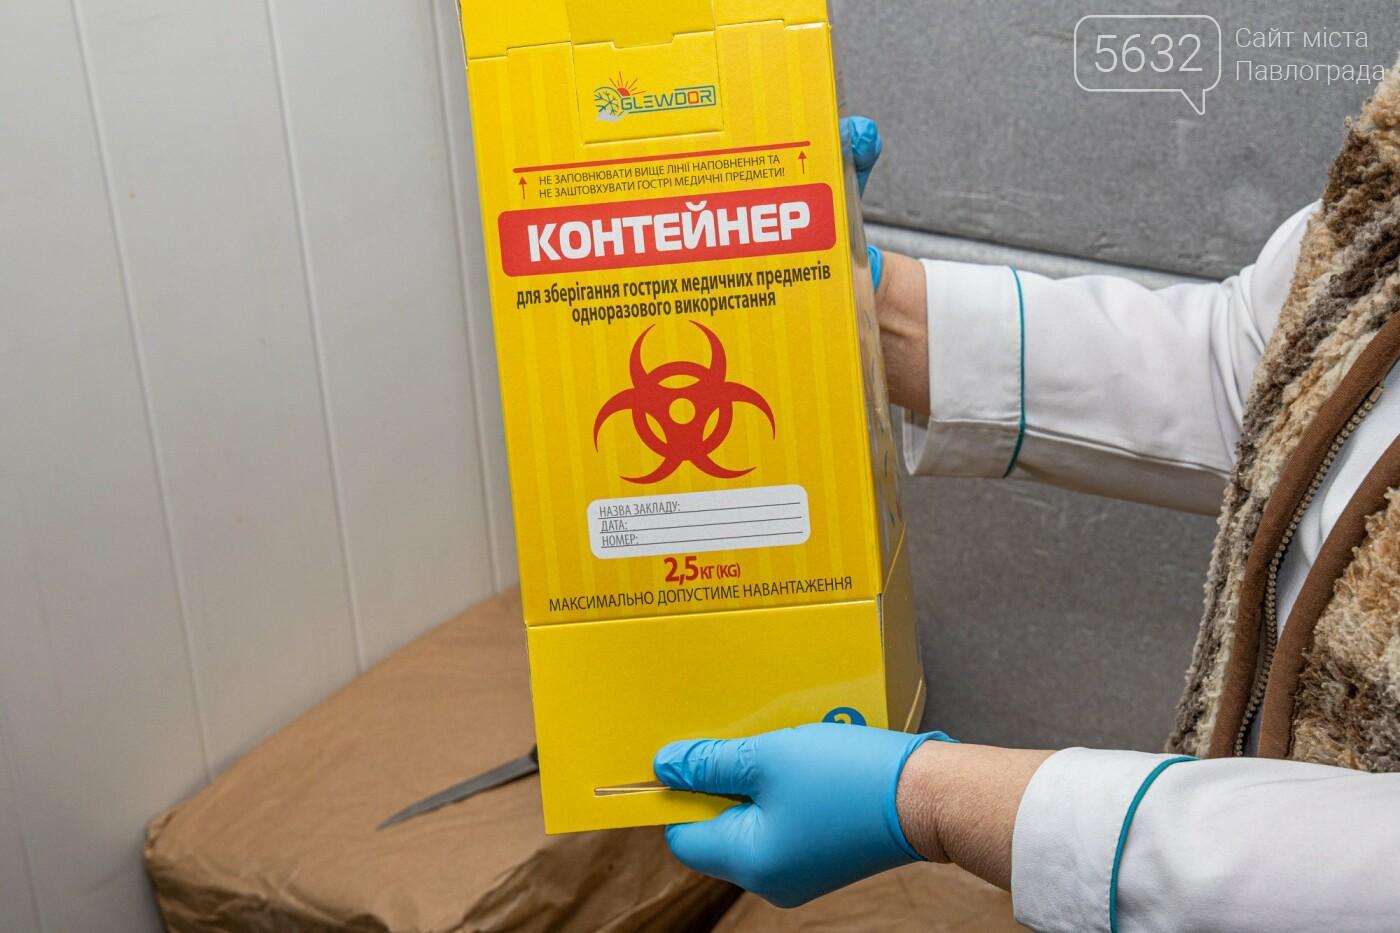 Днепропетровщина получила более 11,5 тыс. доз китайской вакцины от коронавируса, фото-4